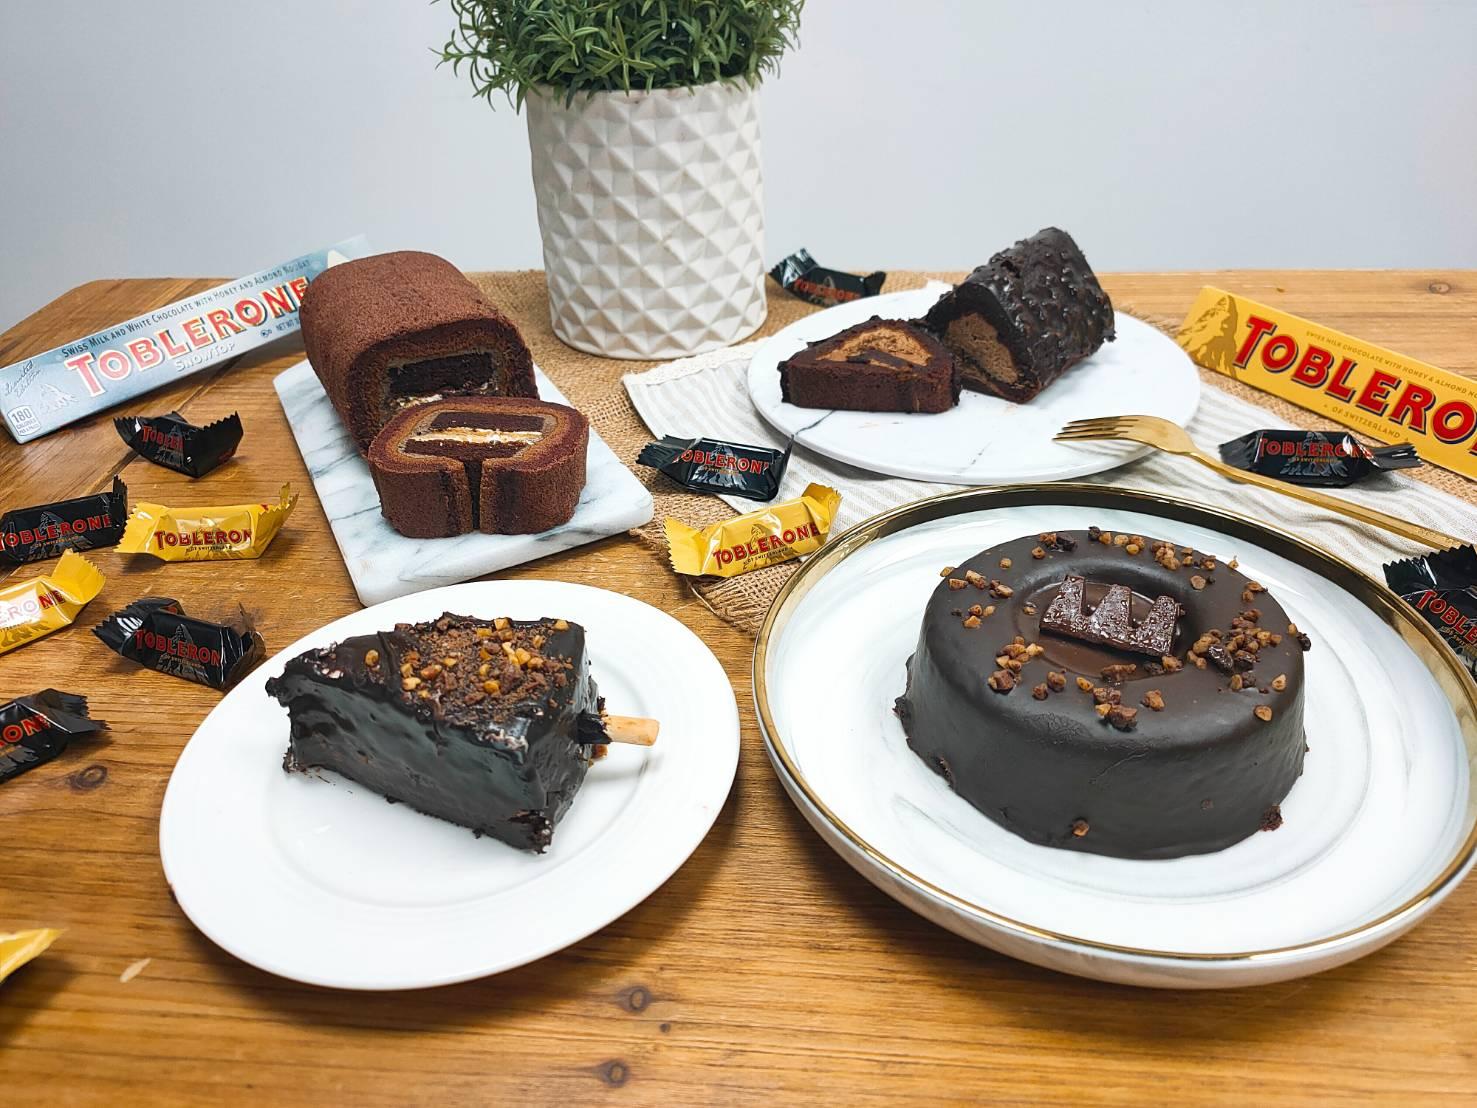 「全聯×TOBLERONE」4款聯名新甜點!購買指定商品再抽三角巧克力巨型抱枕 | 全聯、TOBLERONE、聯名、甜點、三角 ...